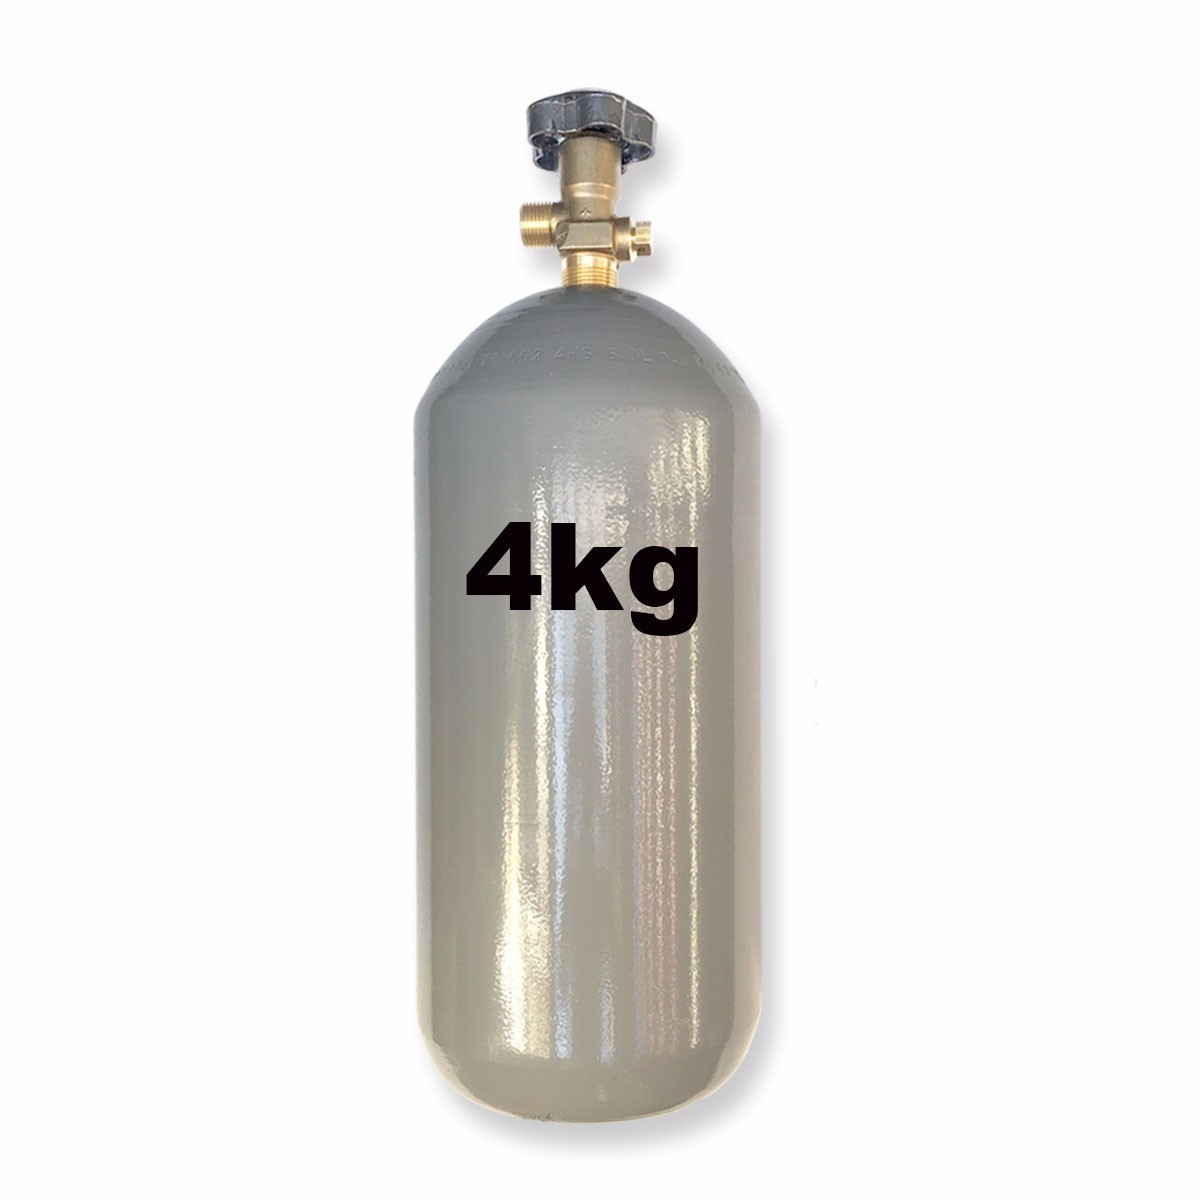 Kit Extração 3 Vias + Cilindro Co2 4Kg Para Chopp Ou Cerveja Artesanal